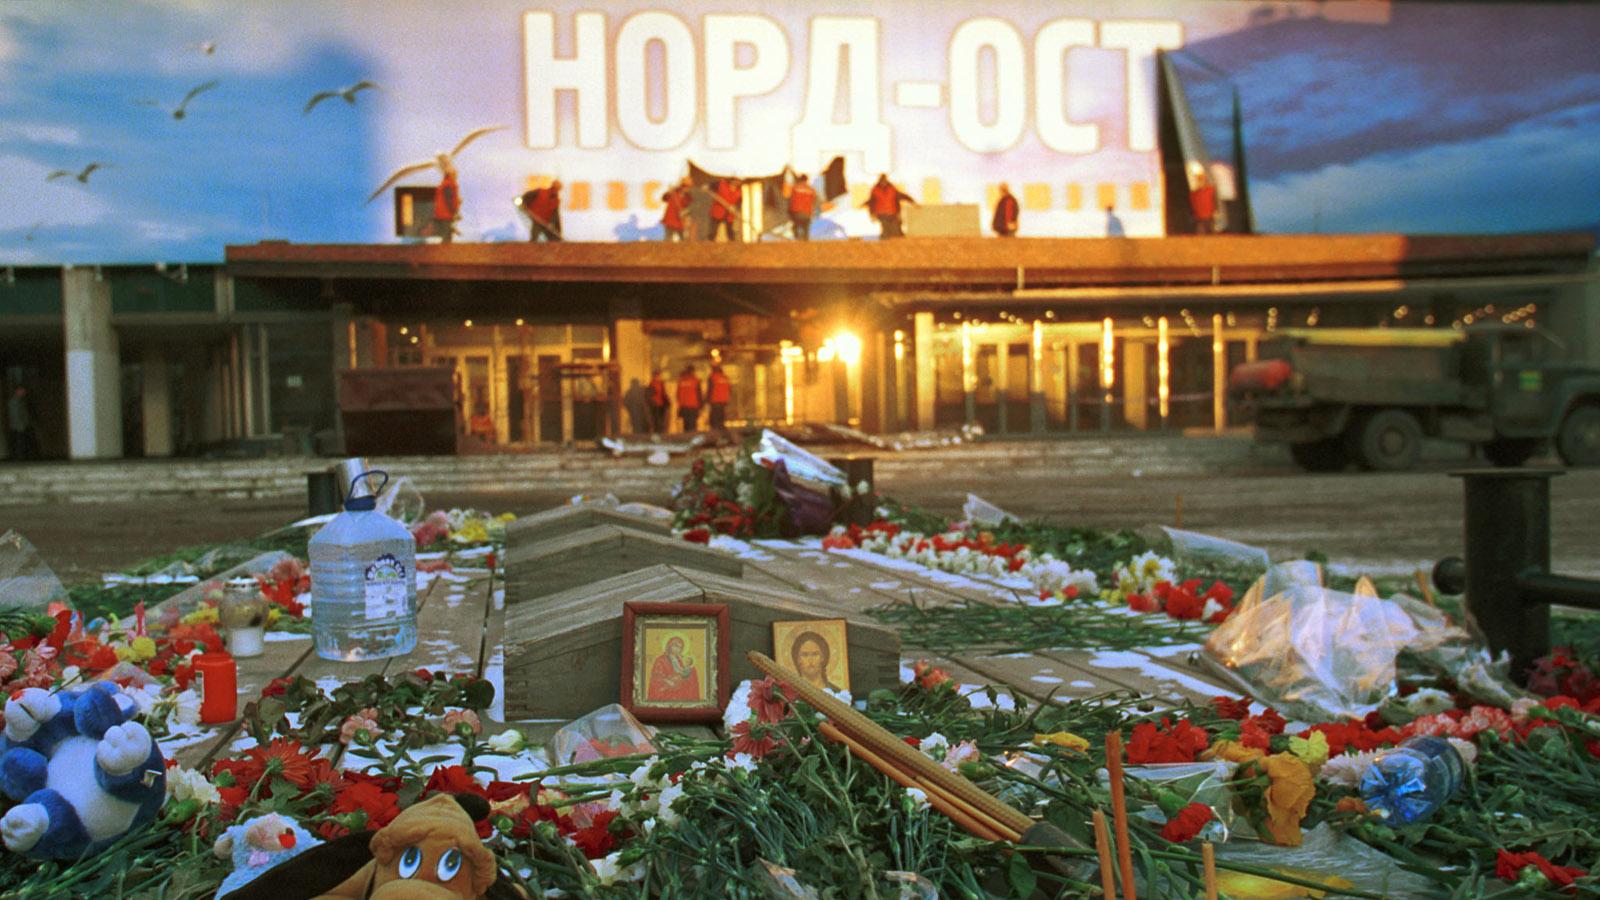 2002 год. Трагедия «Норд-Оста»